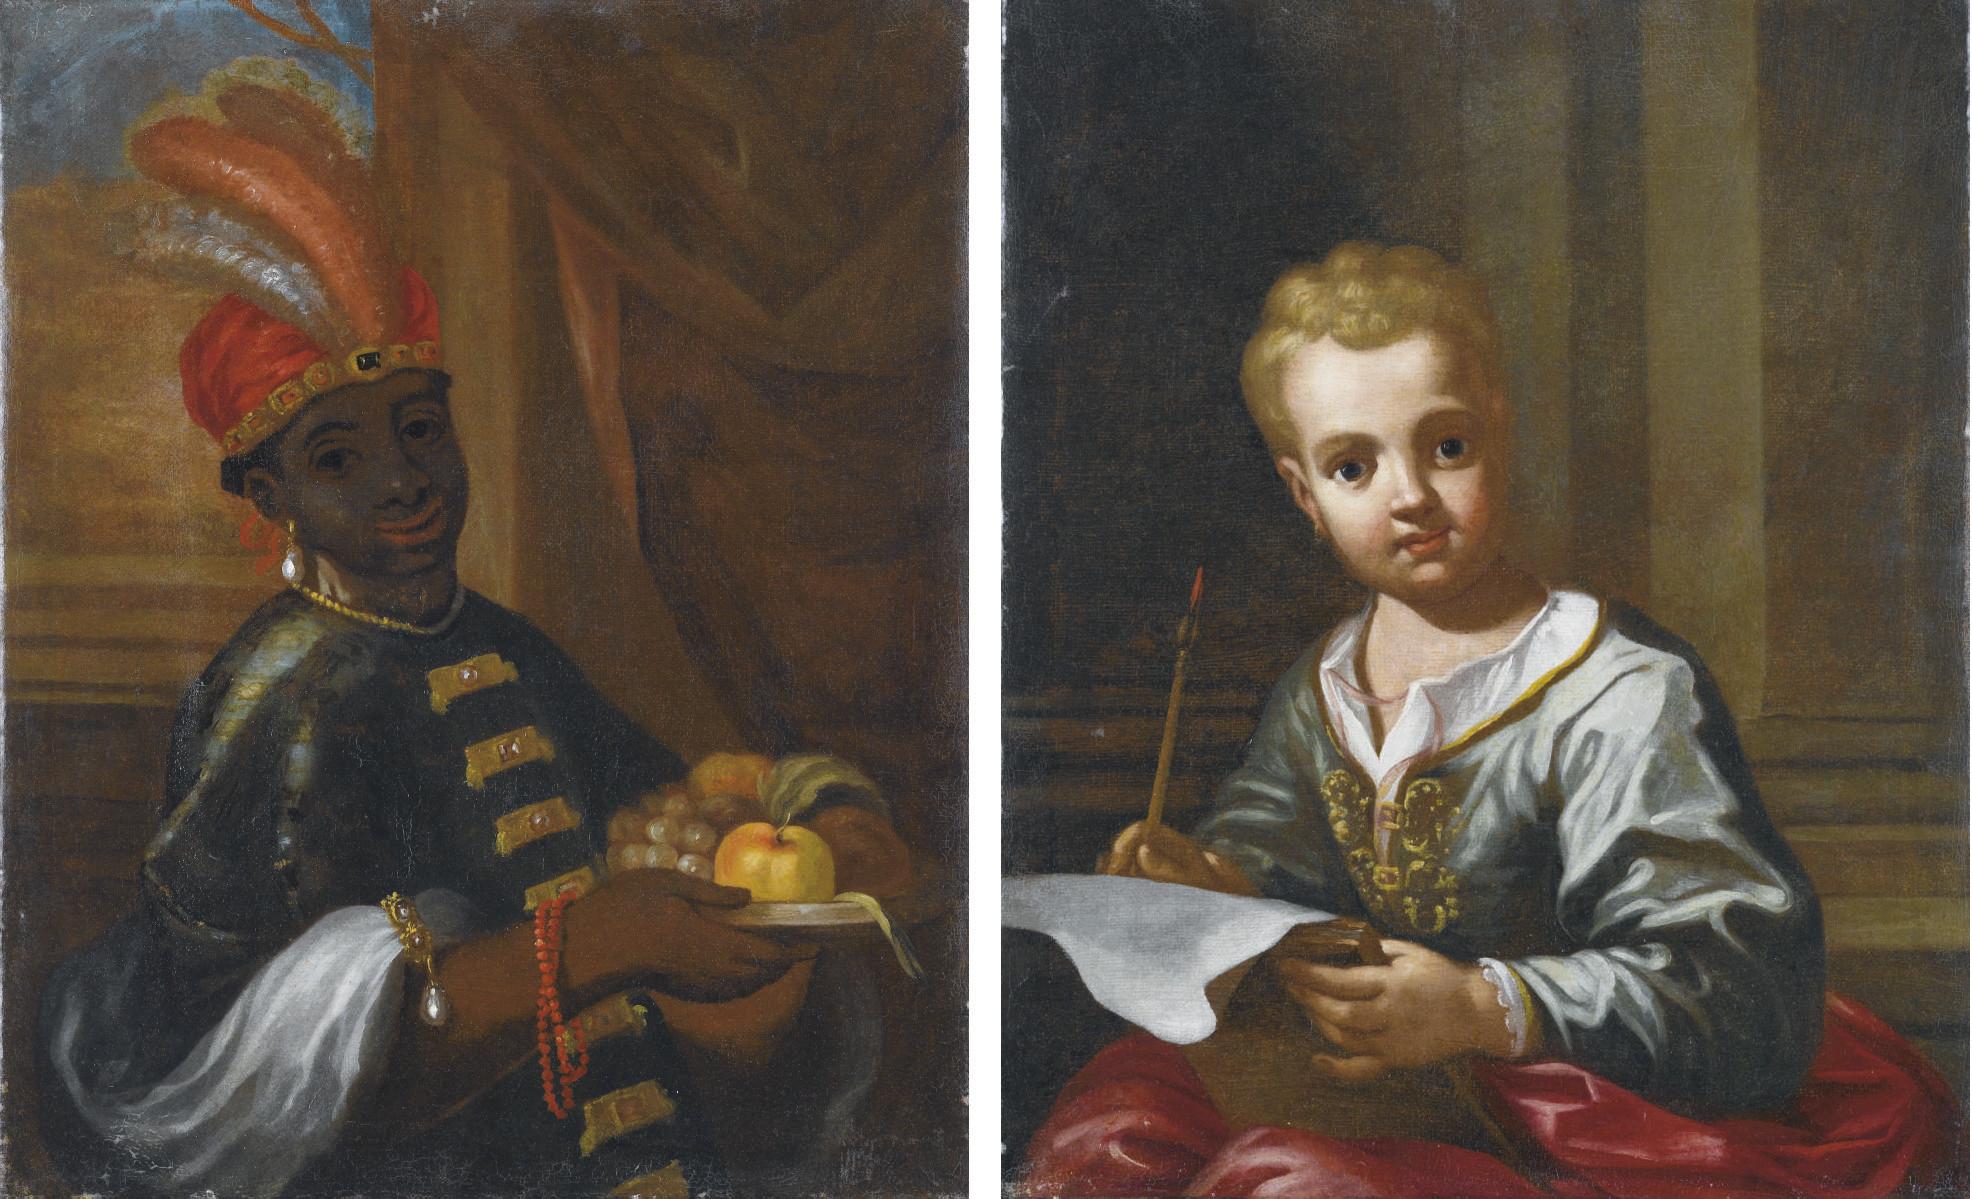 Servitore moro con piatto di frutta; e Bambino in verde